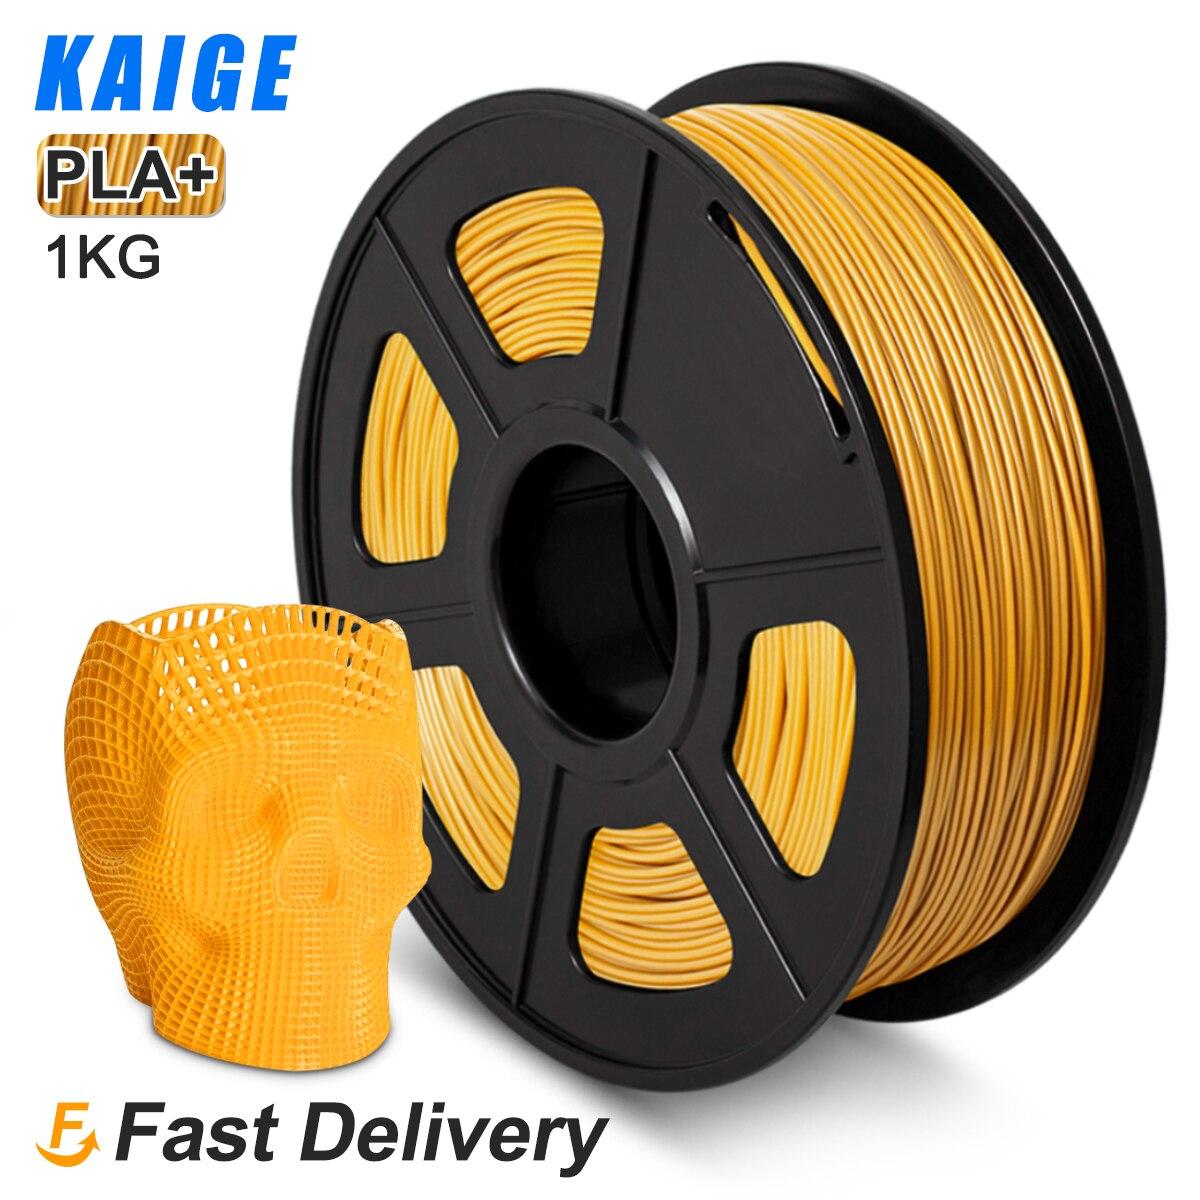 Kaige-filamento de impresión 3d PLA Plus, 1,75mm, 1kg, Color dorado claro, tolerancia...